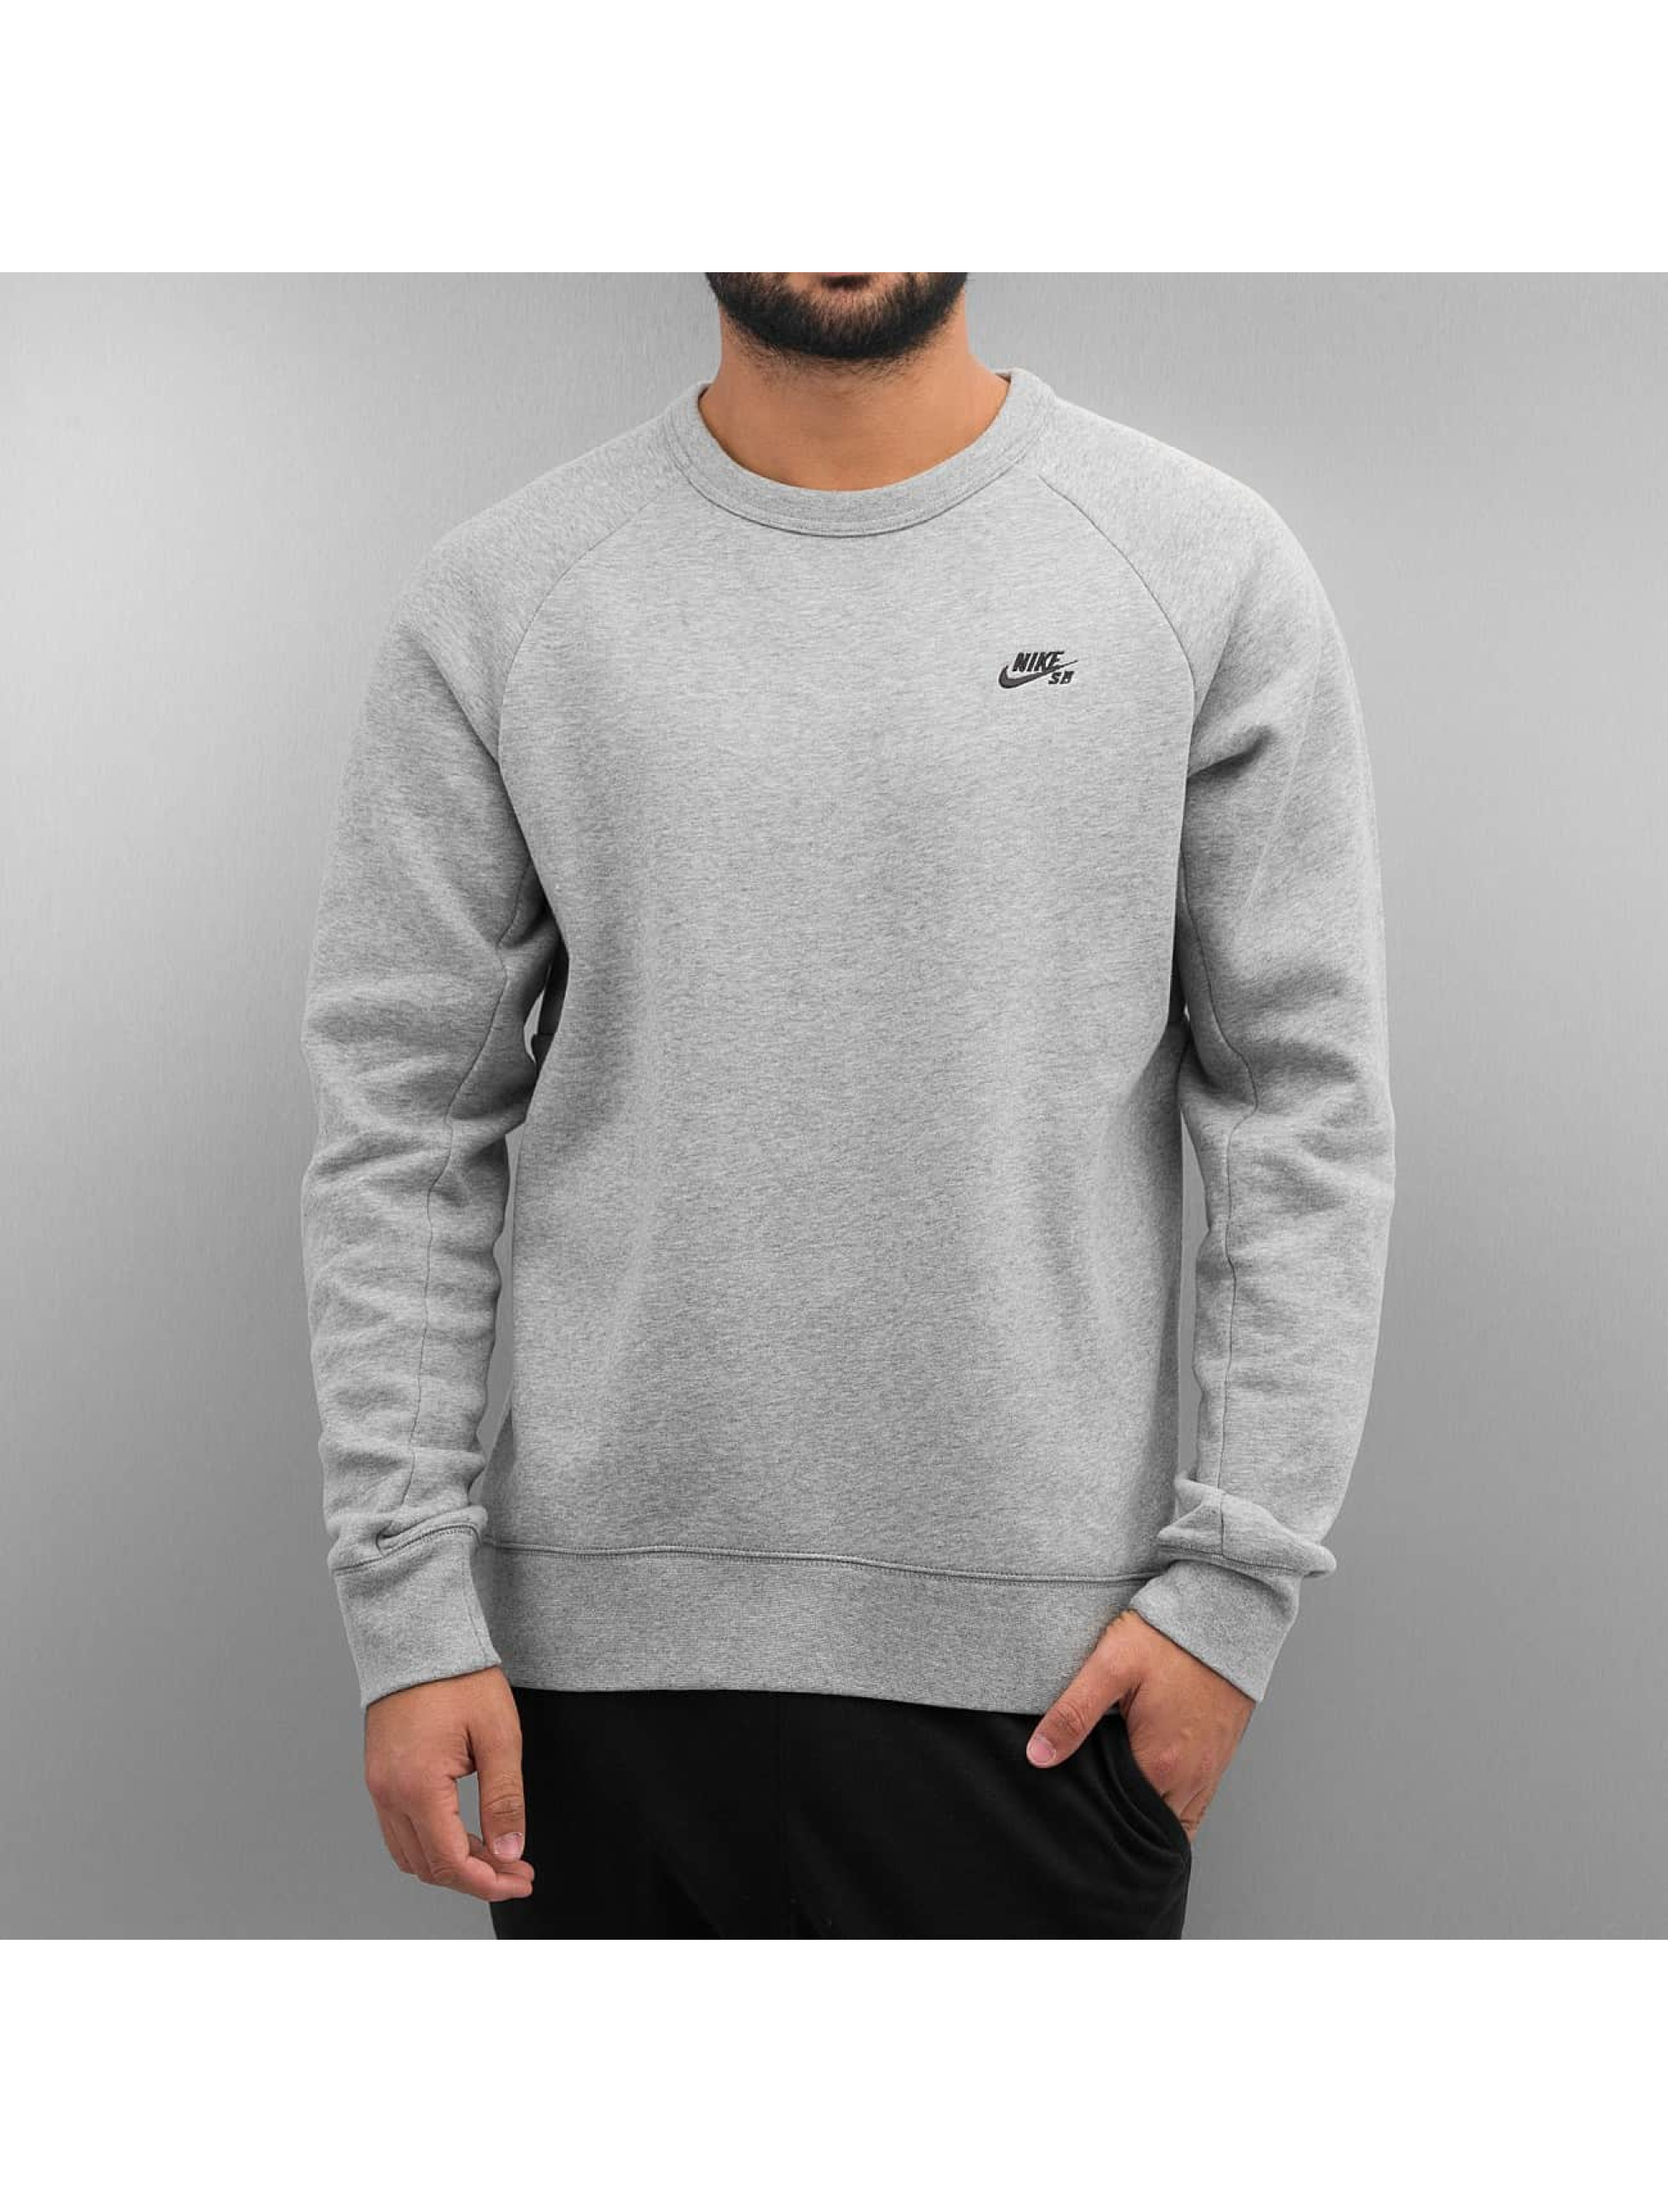 Nike SB trui SB Icon grijs